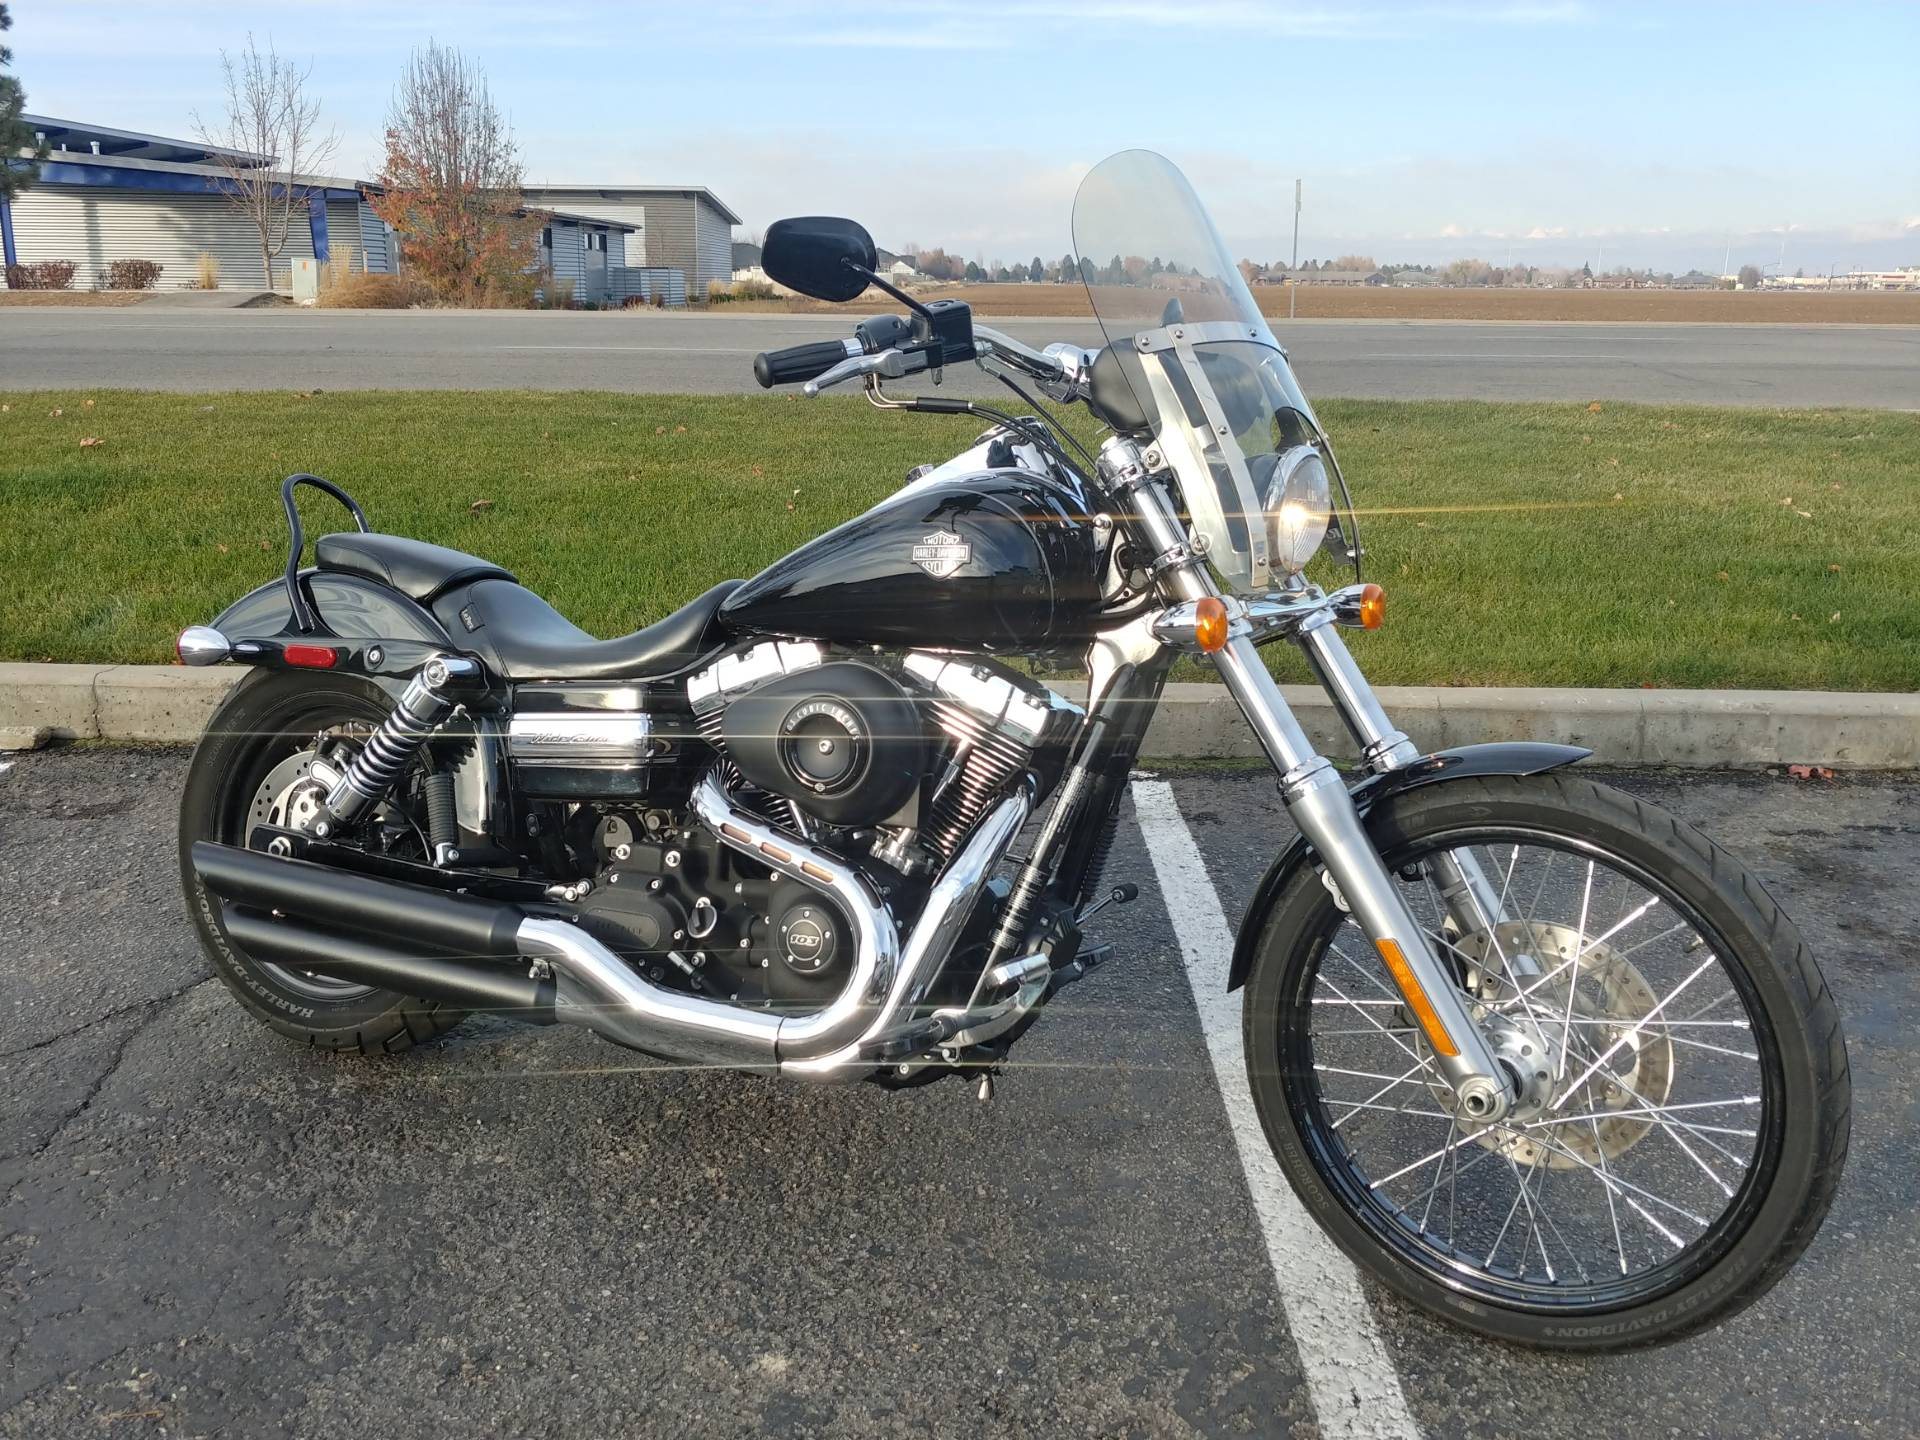 2013 Harley-Davidson Dyna Wide Glide for sale 6830